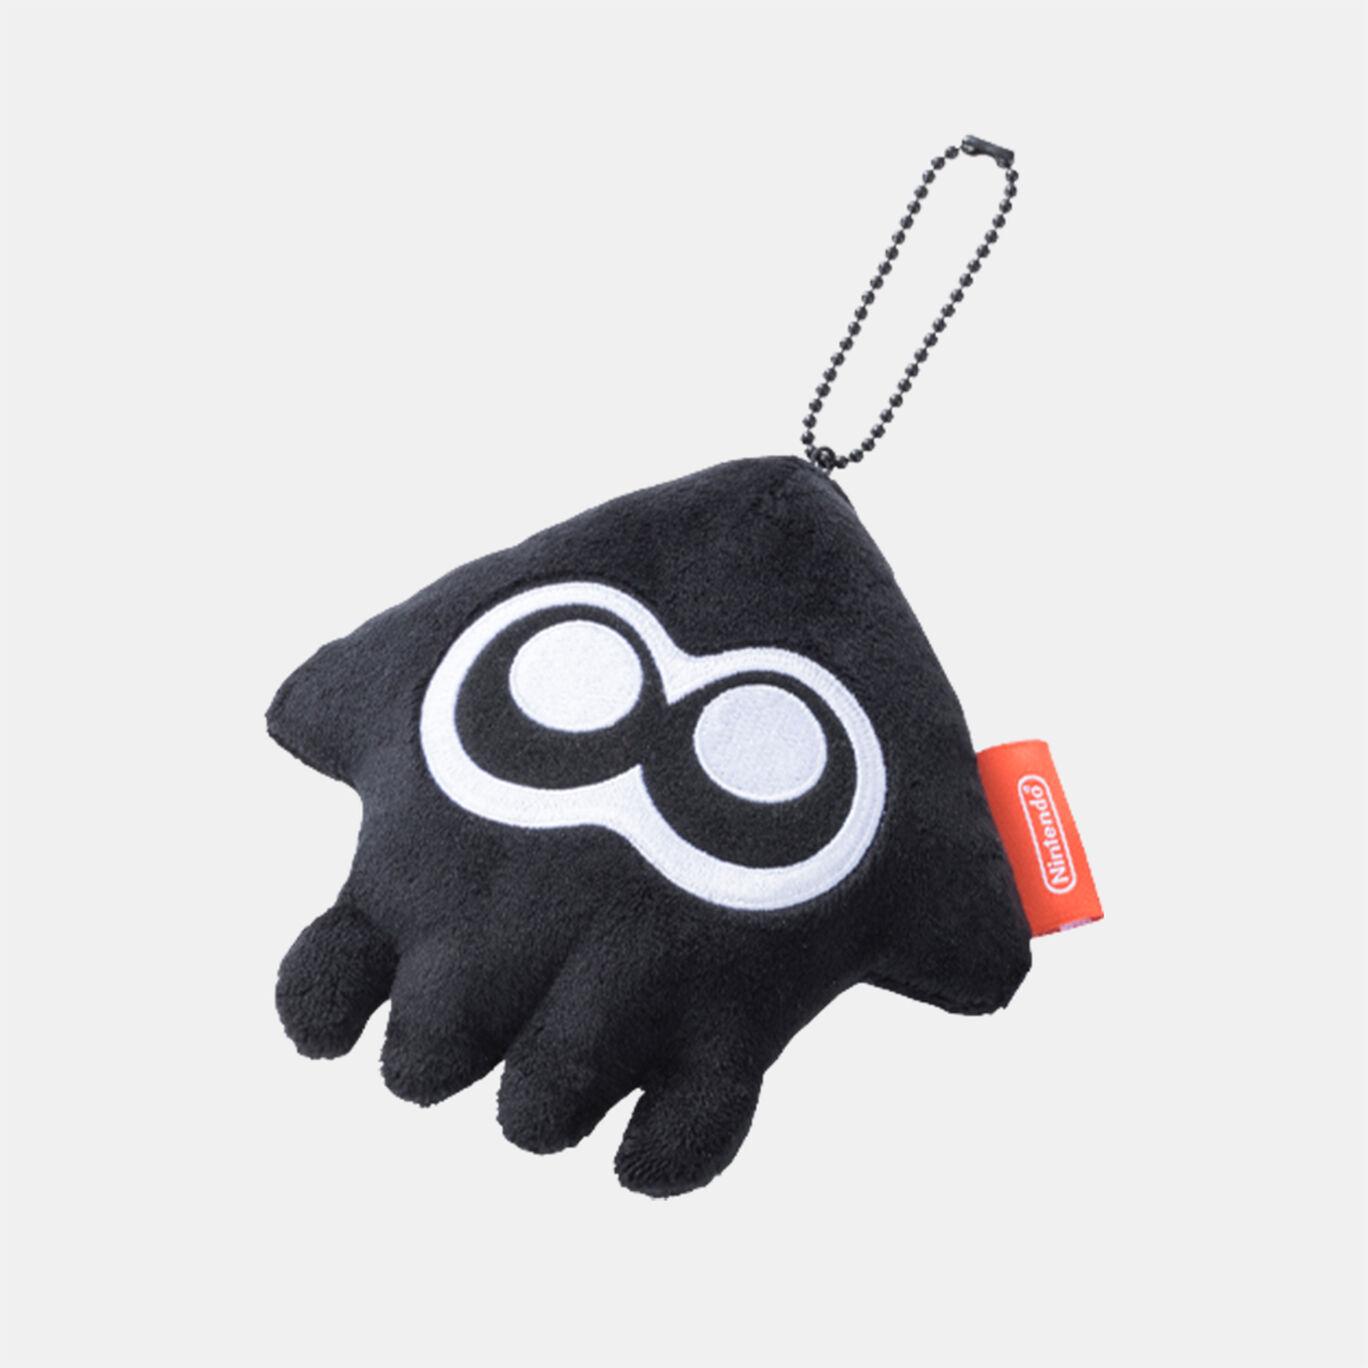 マスコット イカ CROSSING SPLATOON B【Nintendo TOKYO取り扱い商品】